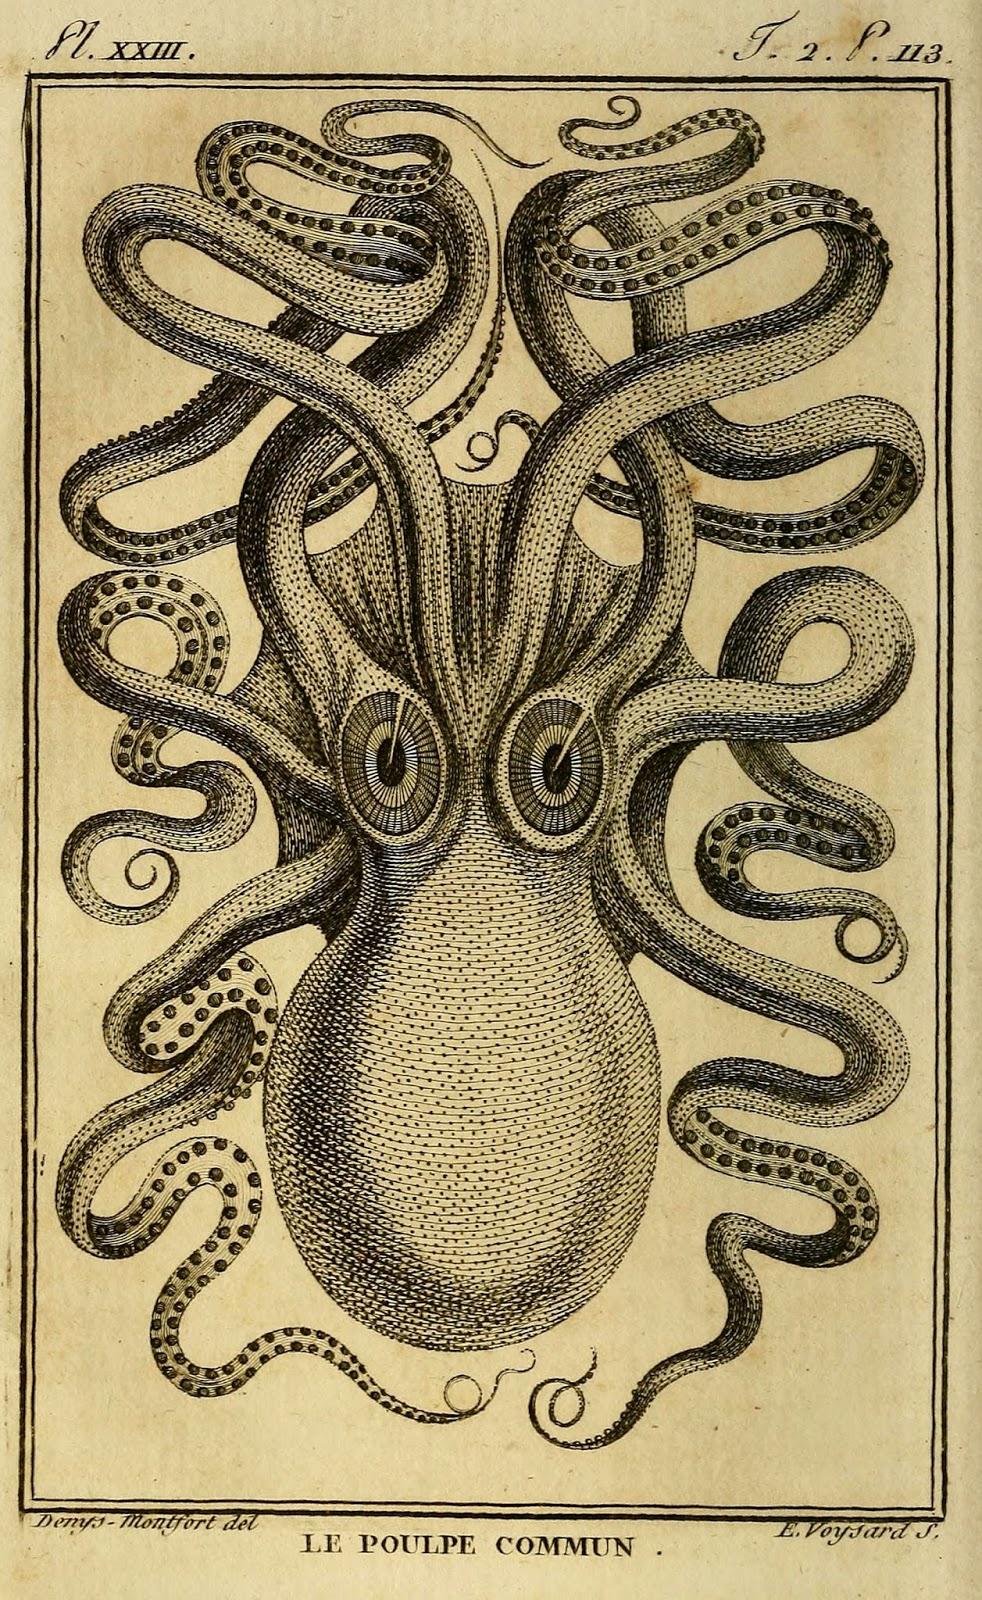 The common octopus as drawn by Denys Montfort, in the 1801 Histoire Naturelle, Générale et Particulière des Mollusques.